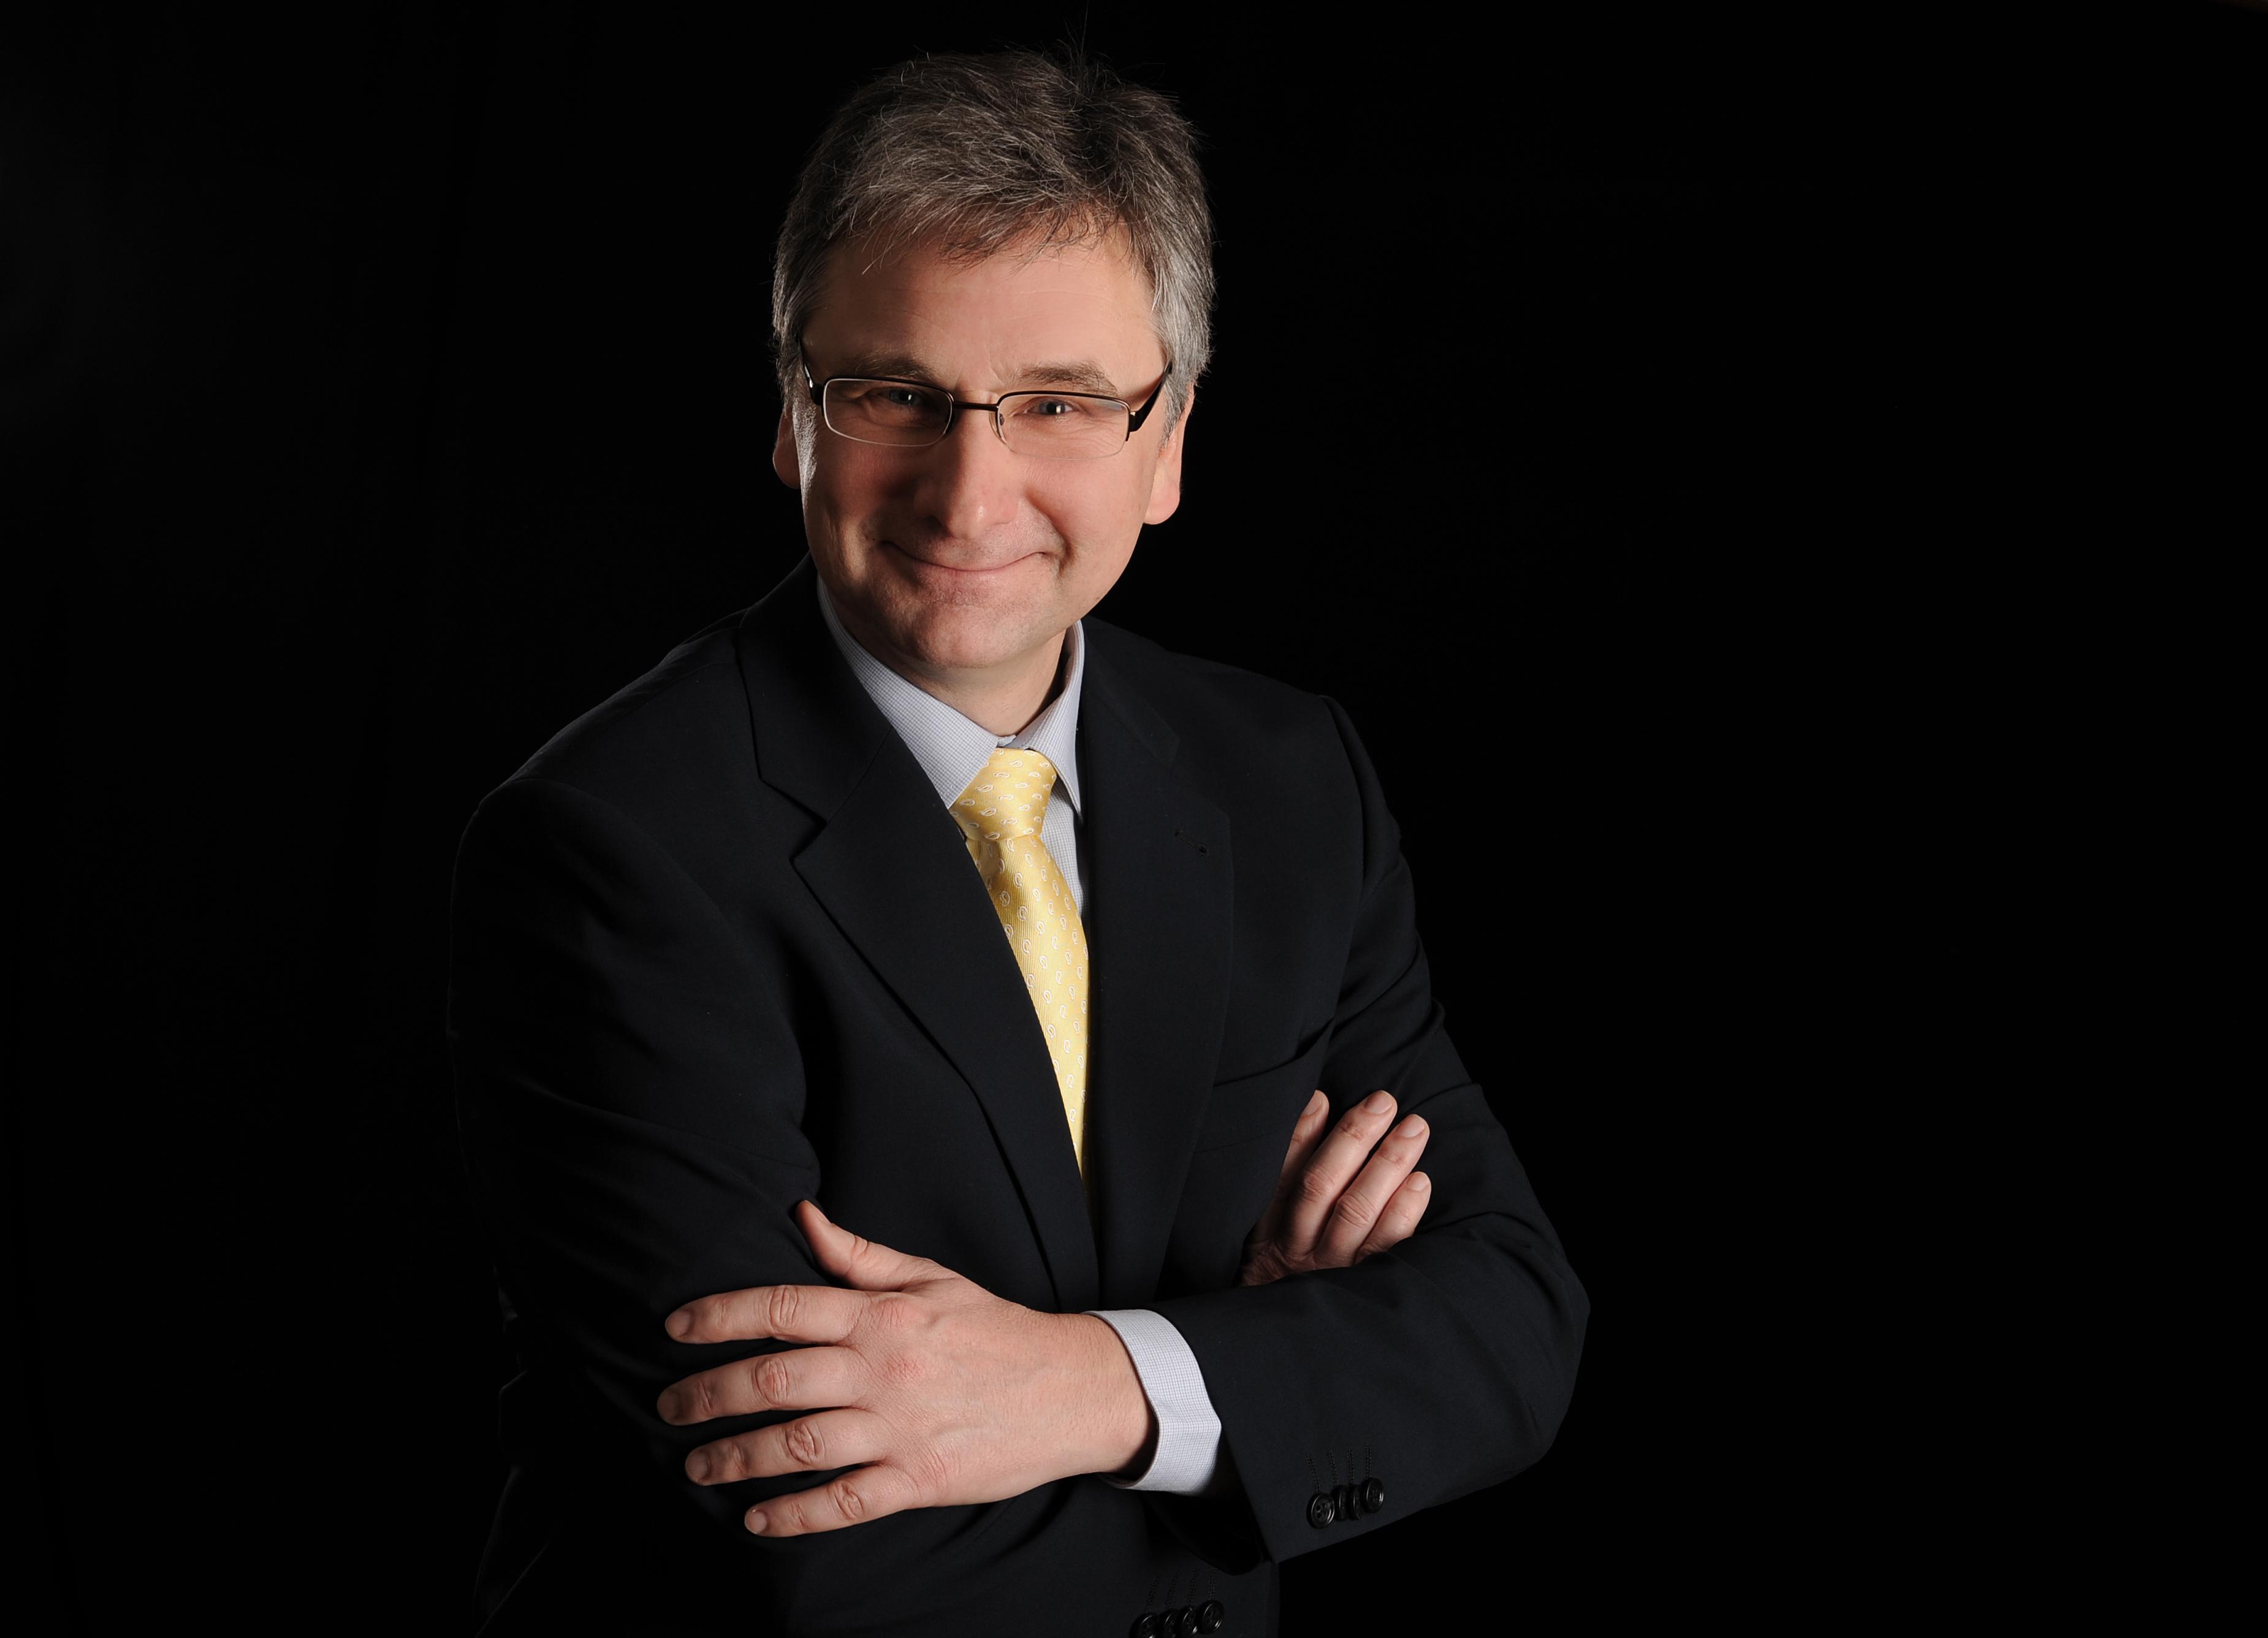 Robert Raß, Leiter Prozesse, Informationen & Datenschutz, PROFI Engineering Systems AG